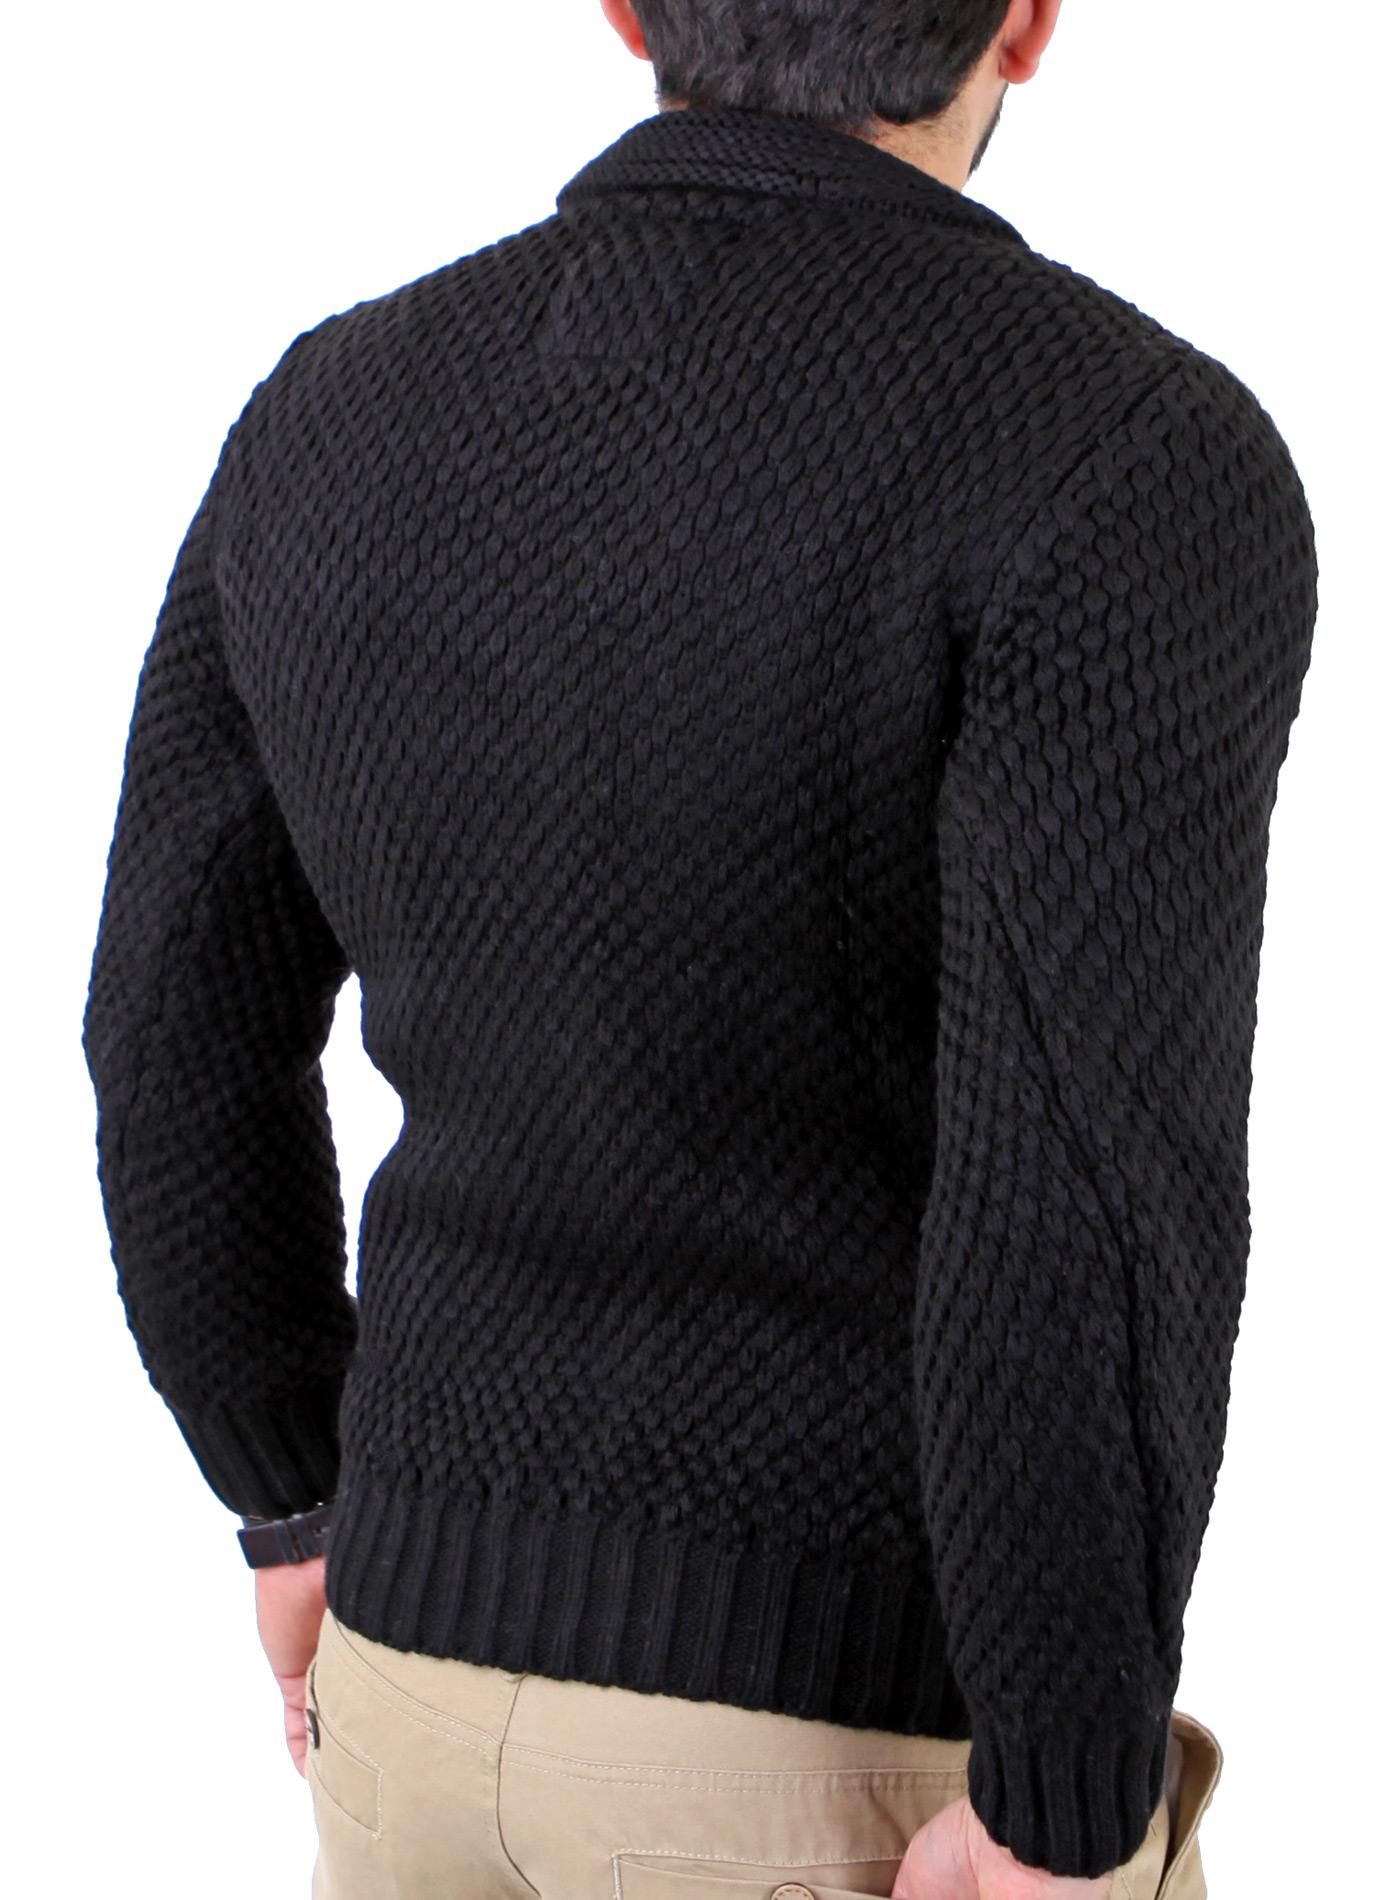 reslad herren vintage grobstrick winter pullover strick jacke pulli rs 3213 ebay. Black Bedroom Furniture Sets. Home Design Ideas